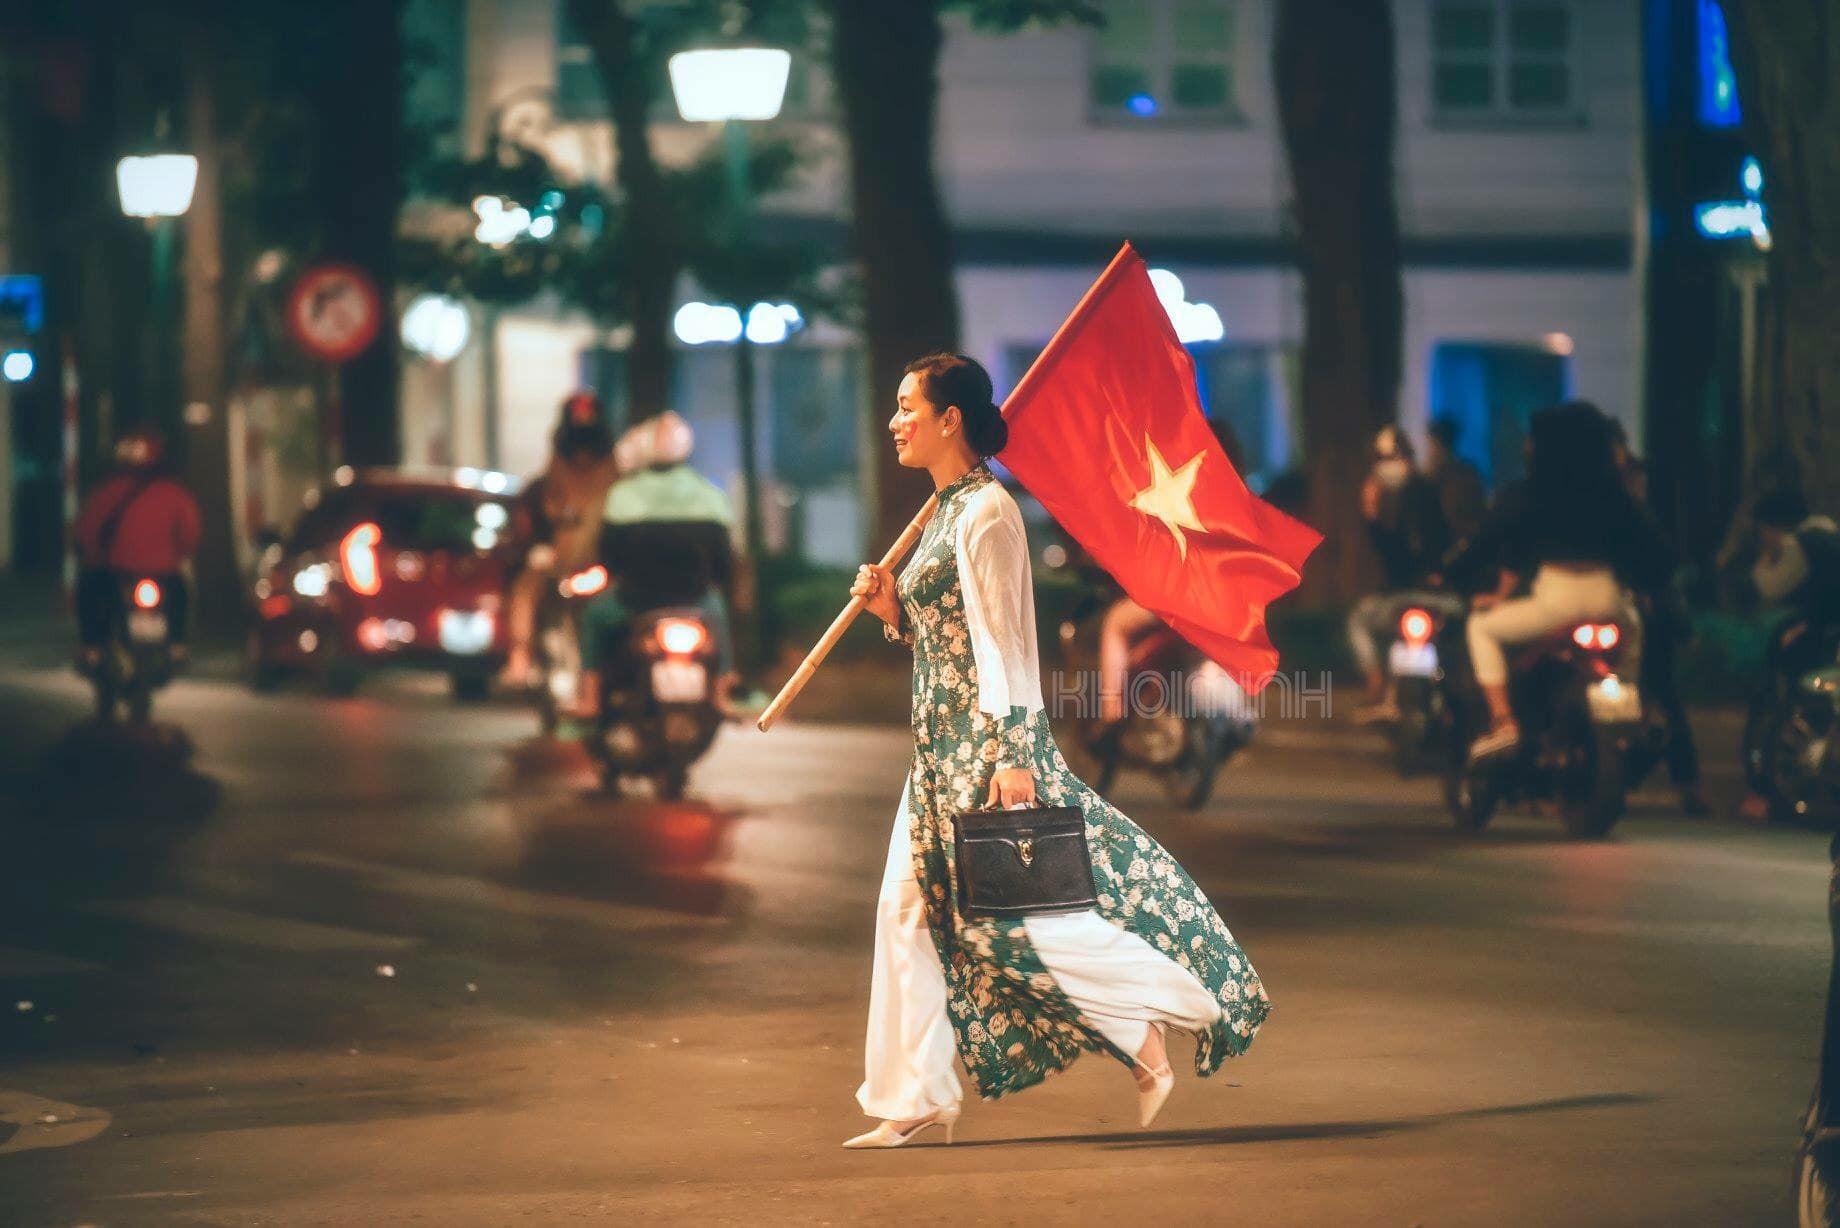 AFF Cup 2018: Những khoảnh khắc đẹp nhất còn mãi trong lòng CĐV Việt 2